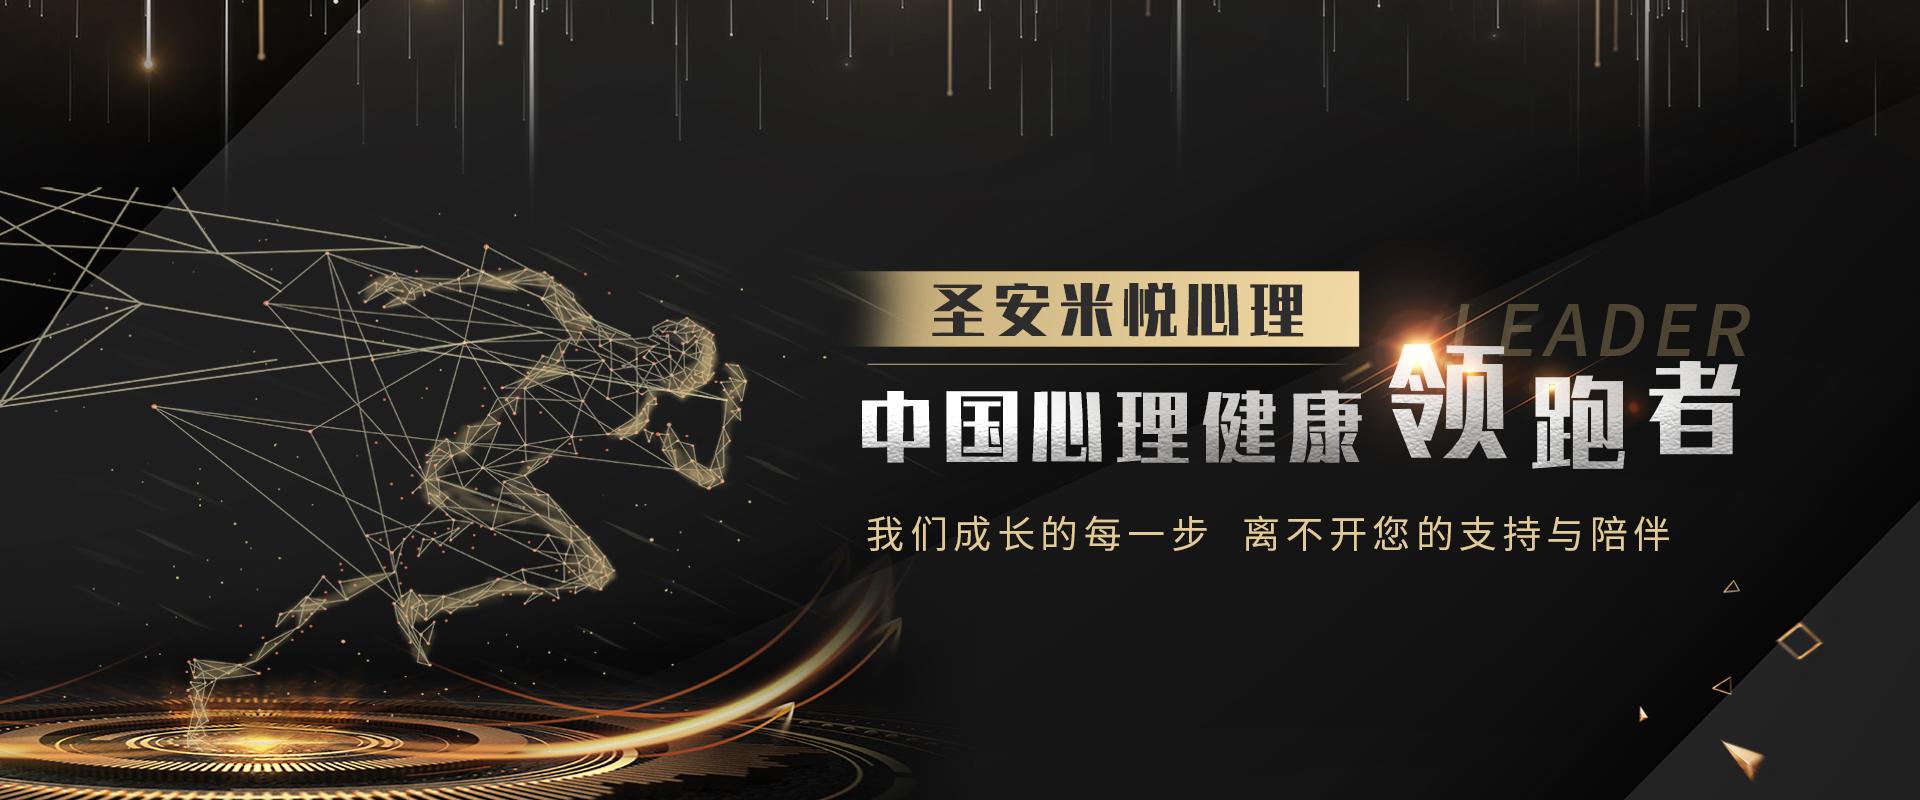 银河国际app下载系列银河娱乐手机app下载中心-中国心理健康领跑者